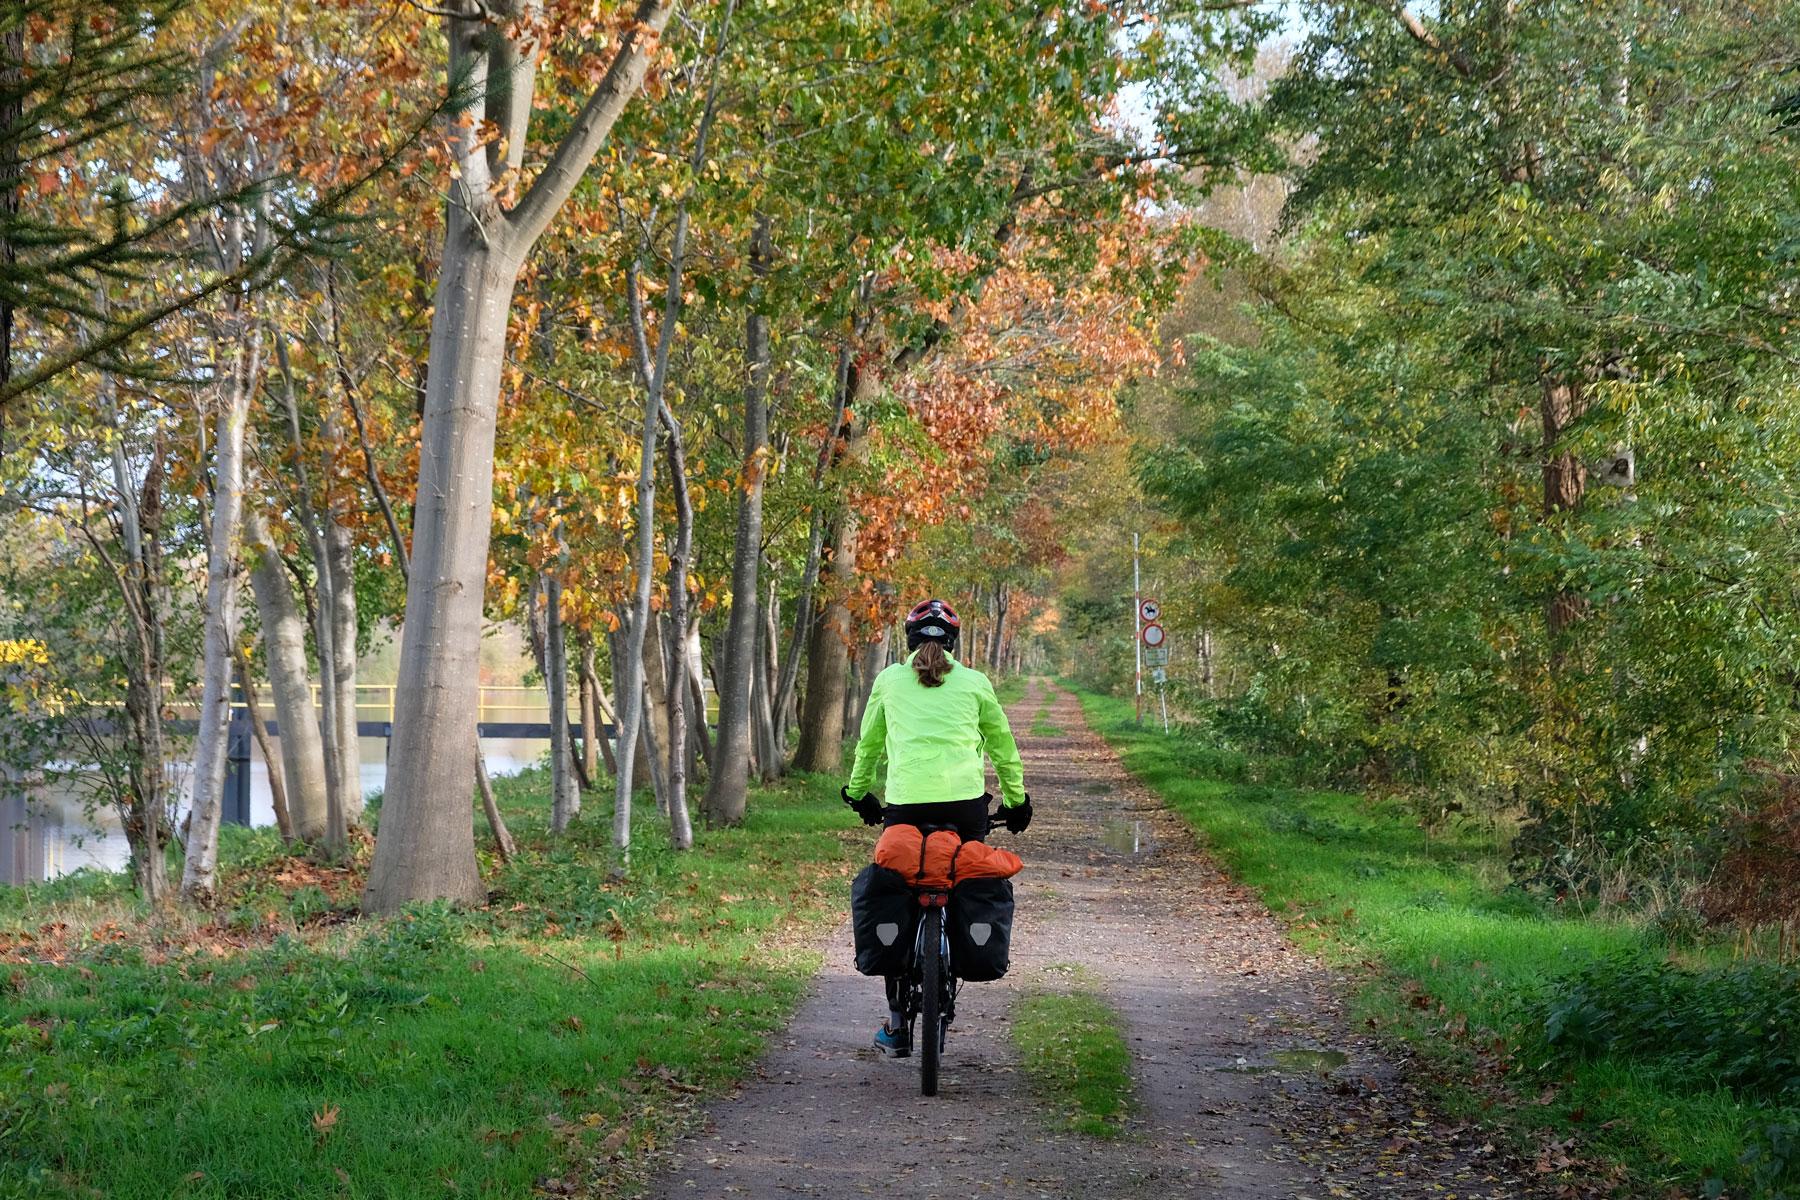 In Norddeutschland fährt Sebastian mit dem Fahrrad durch den Wald.